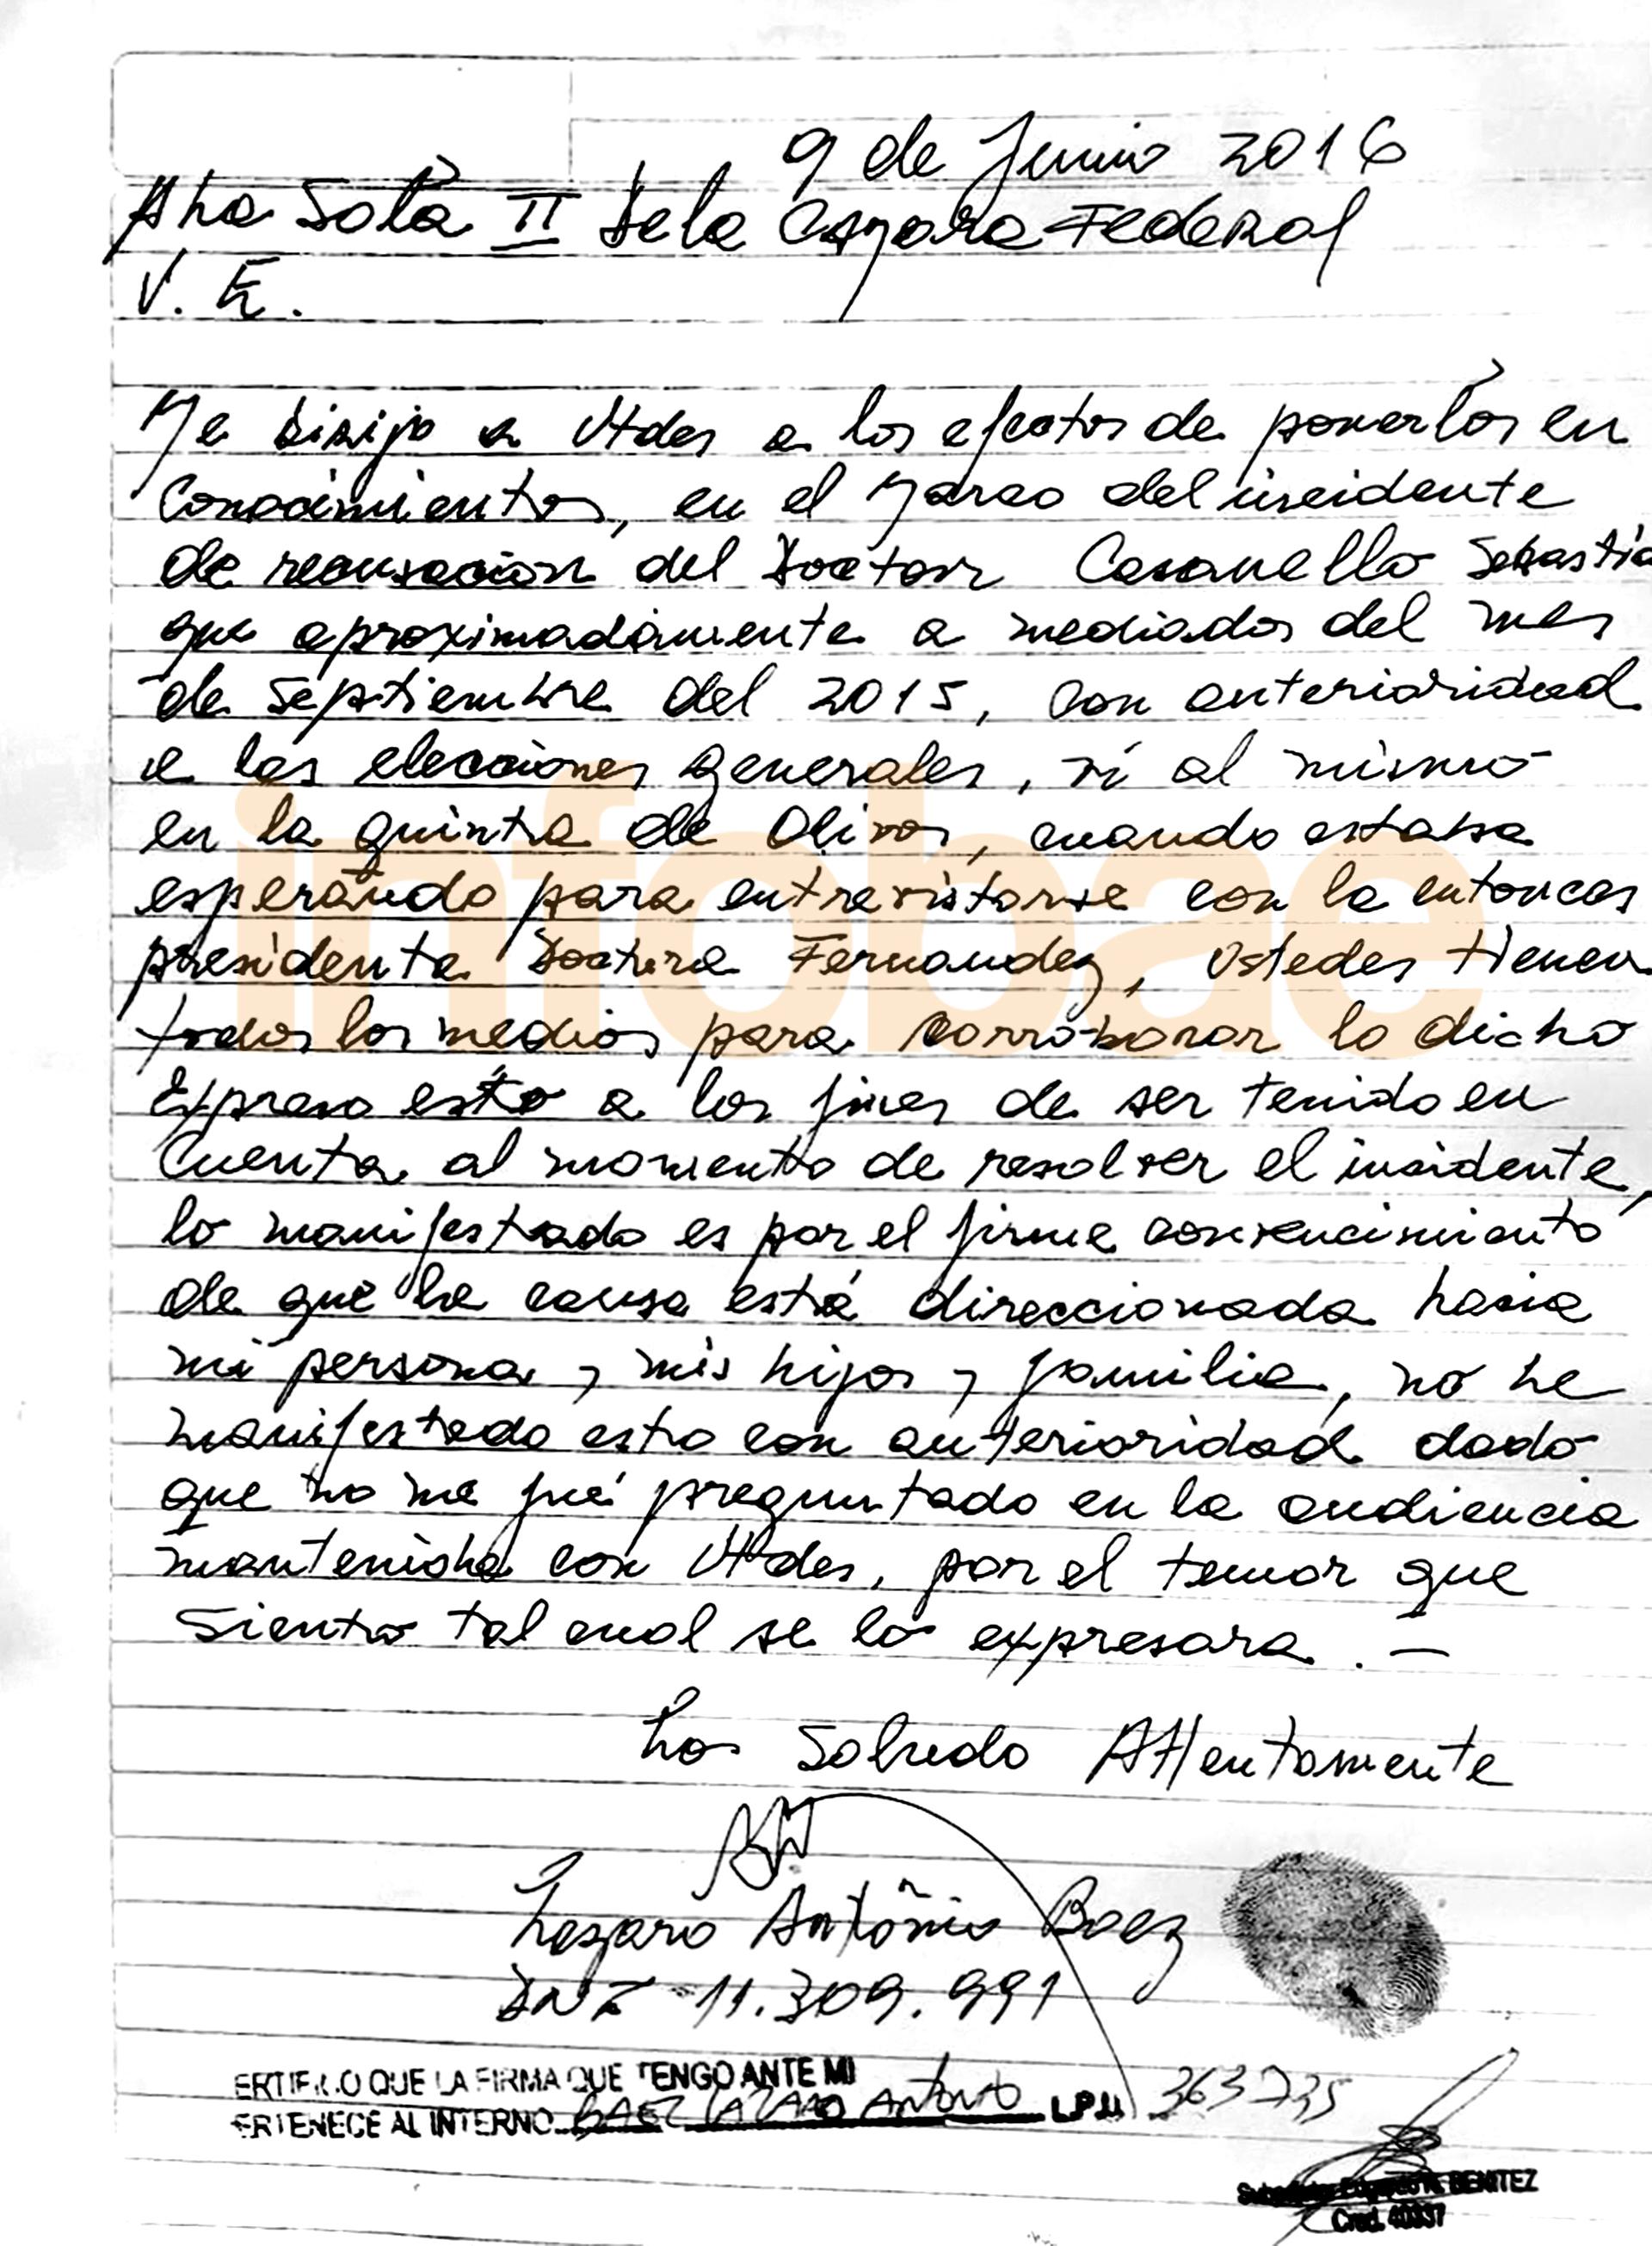 La carta manuscrita que Lázaro Báez envió a la Cámara Federal en la que habla de la reunión con Casanello y Cristina Kirchner.